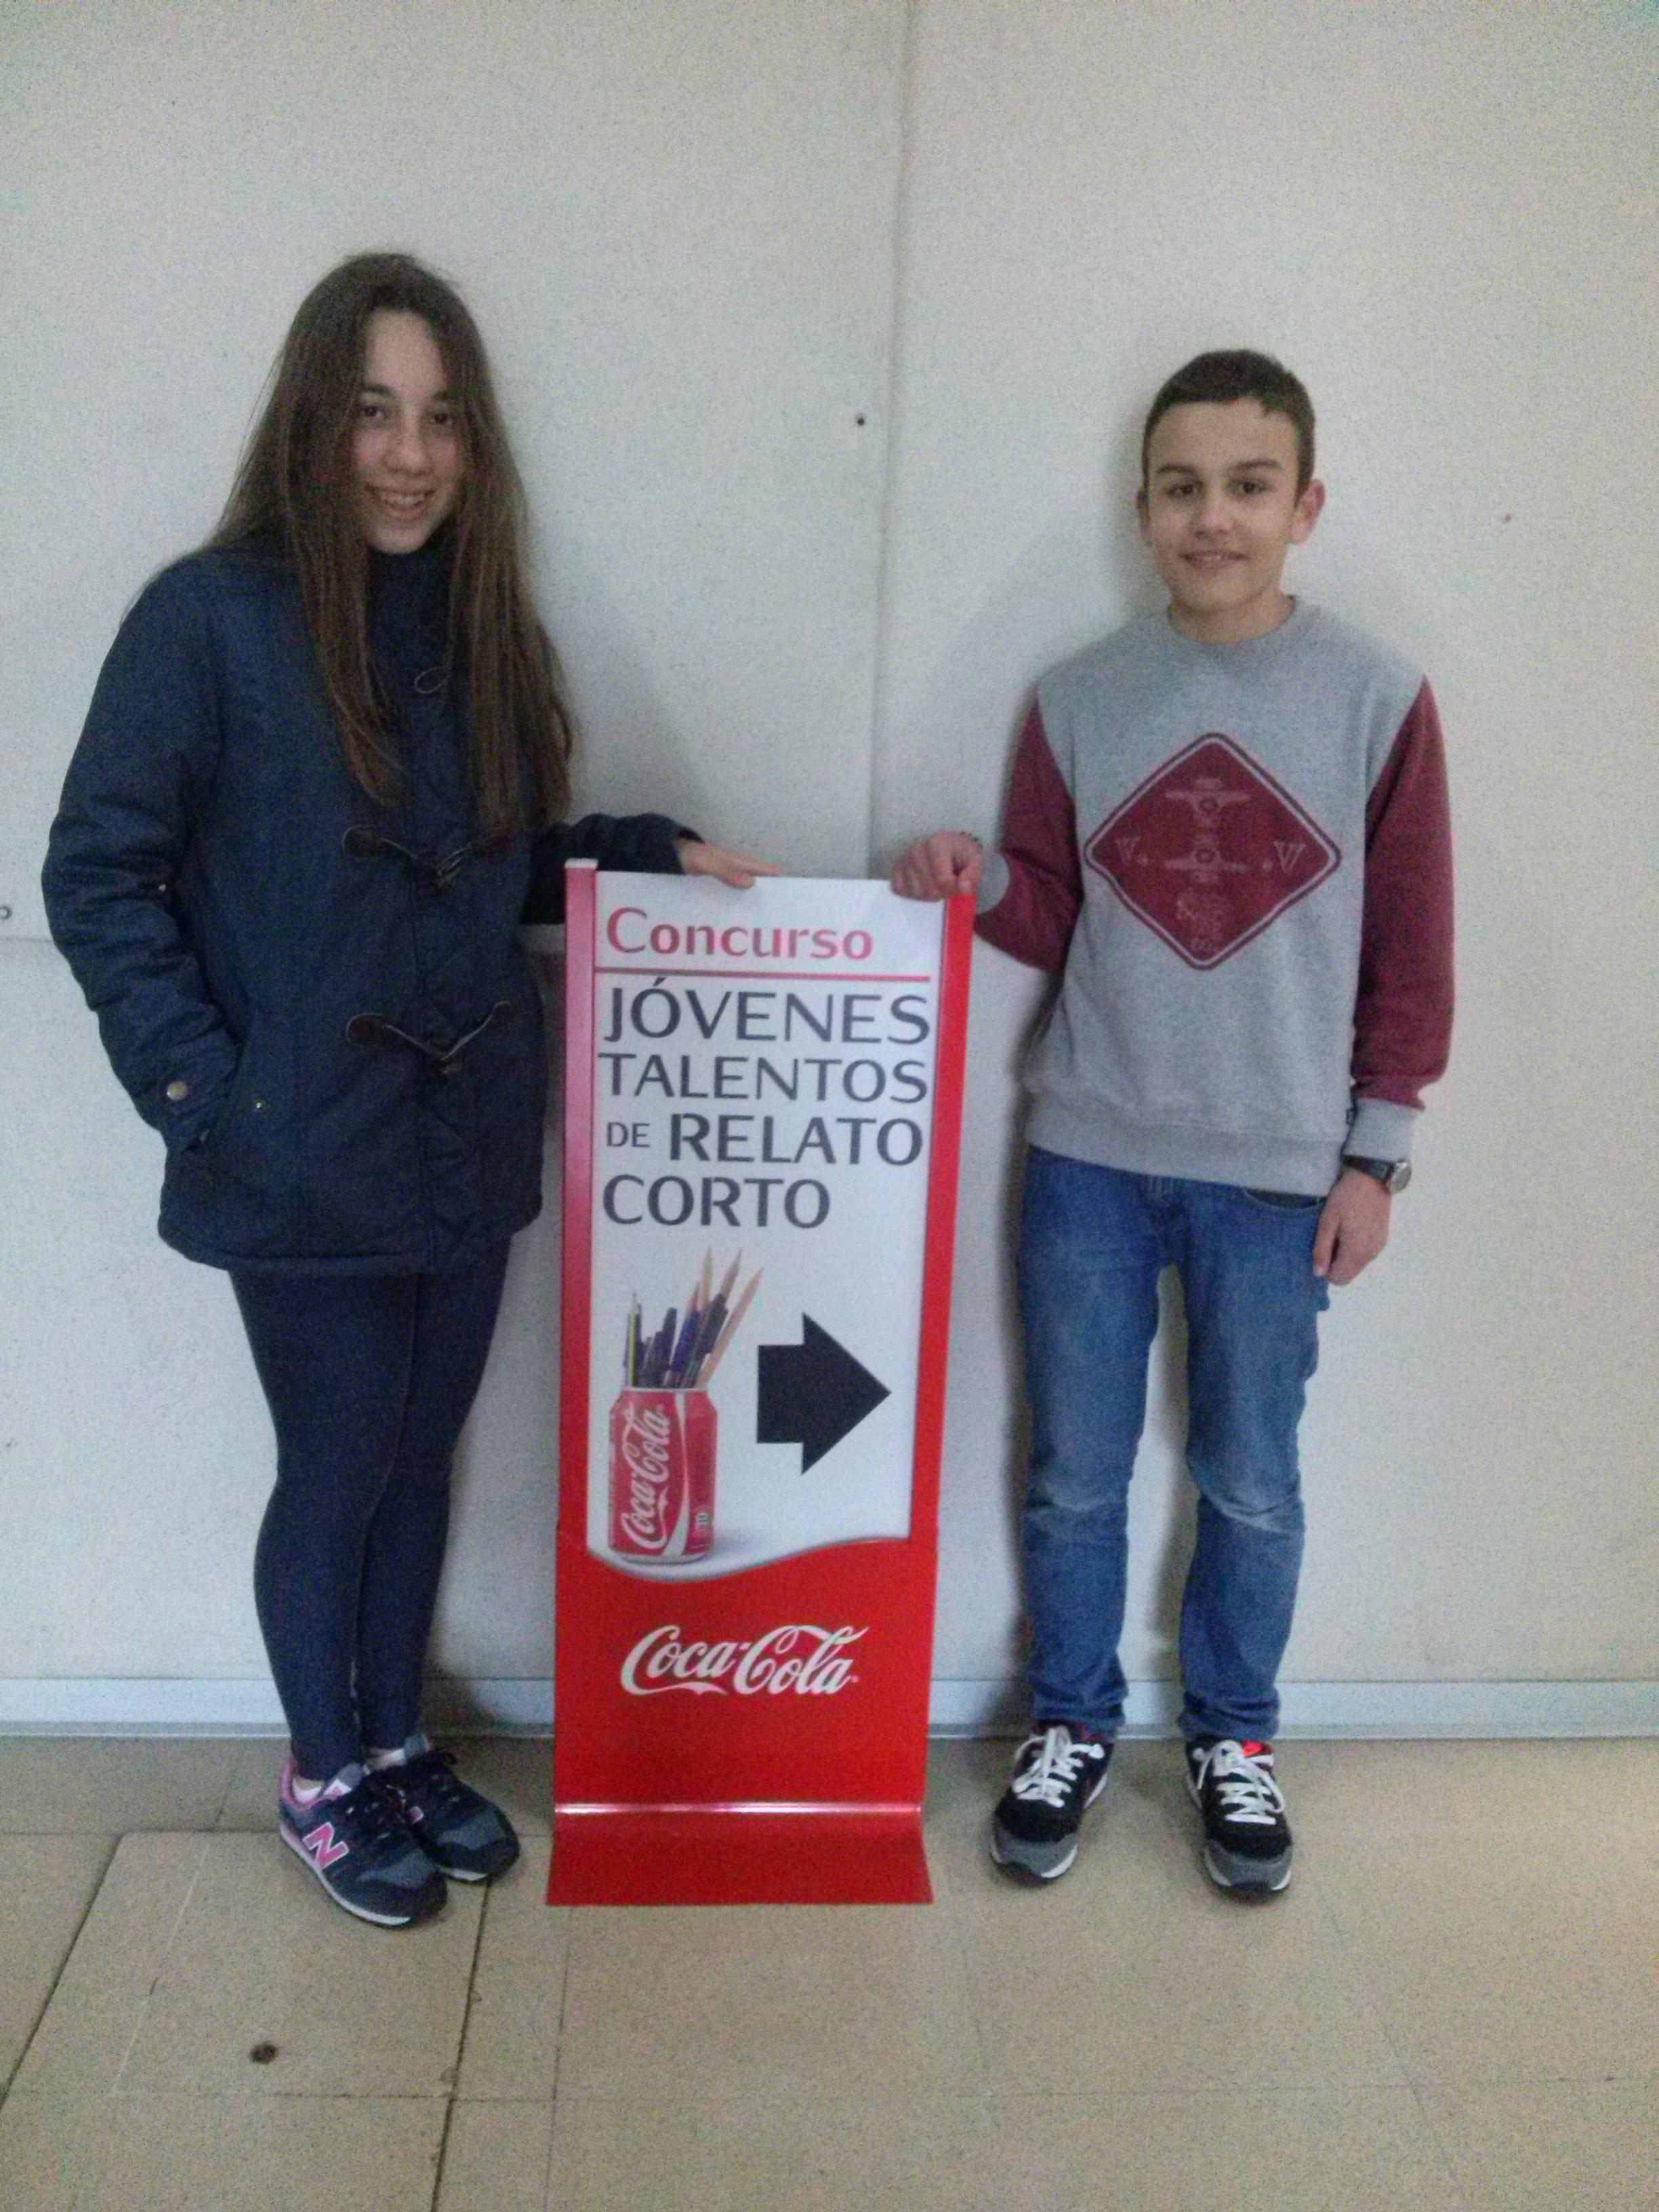 Concurso Jóvenes talentos de relato corto patrocinado por Coca-Cola